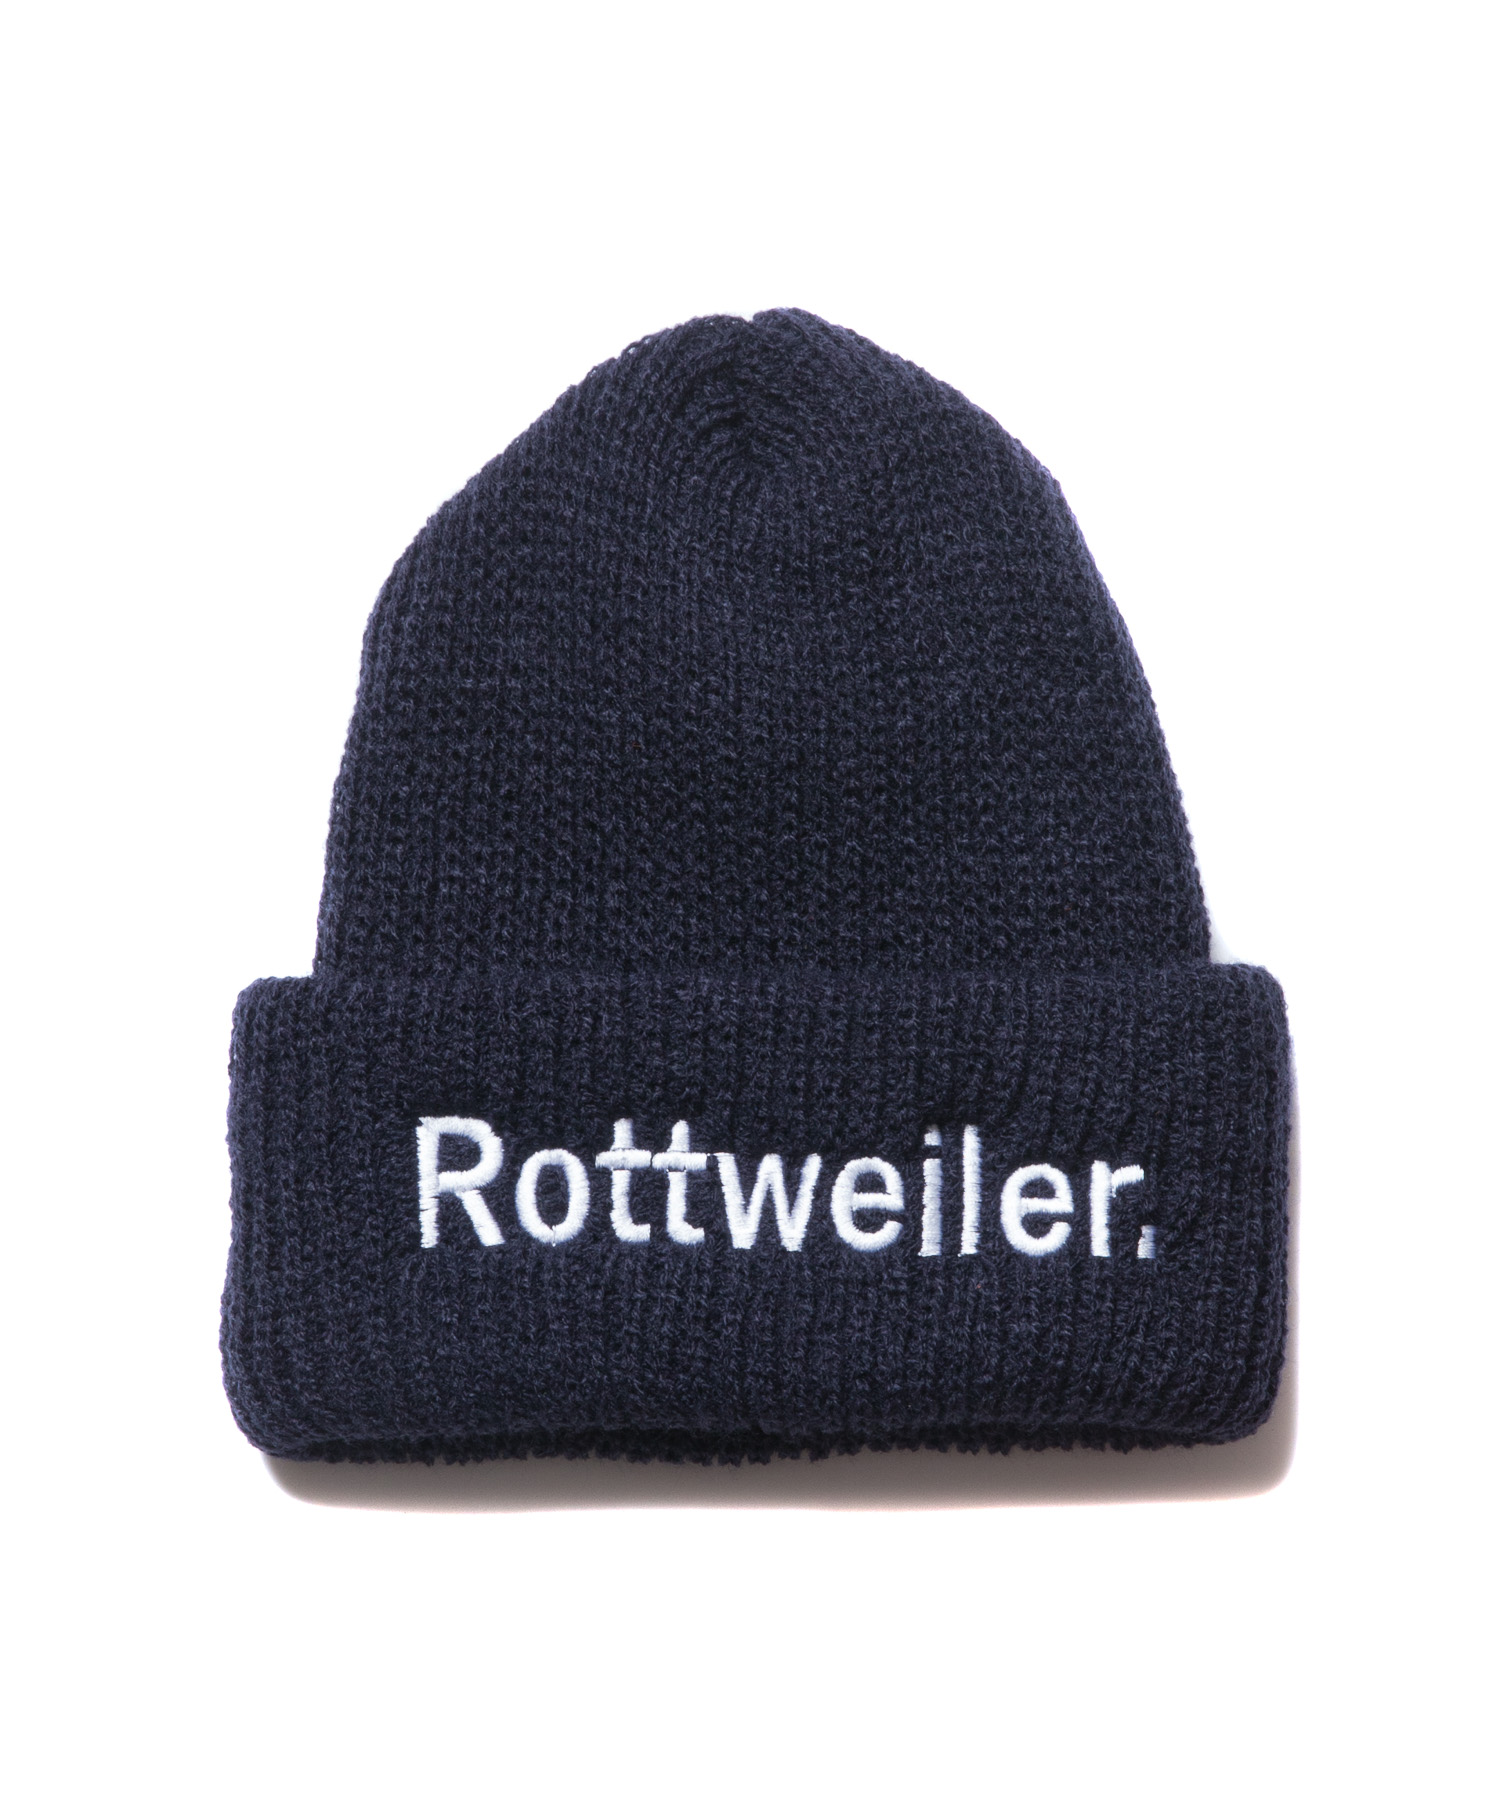 ROTTWEILER BRONER ROTTWEILER Knit Cap